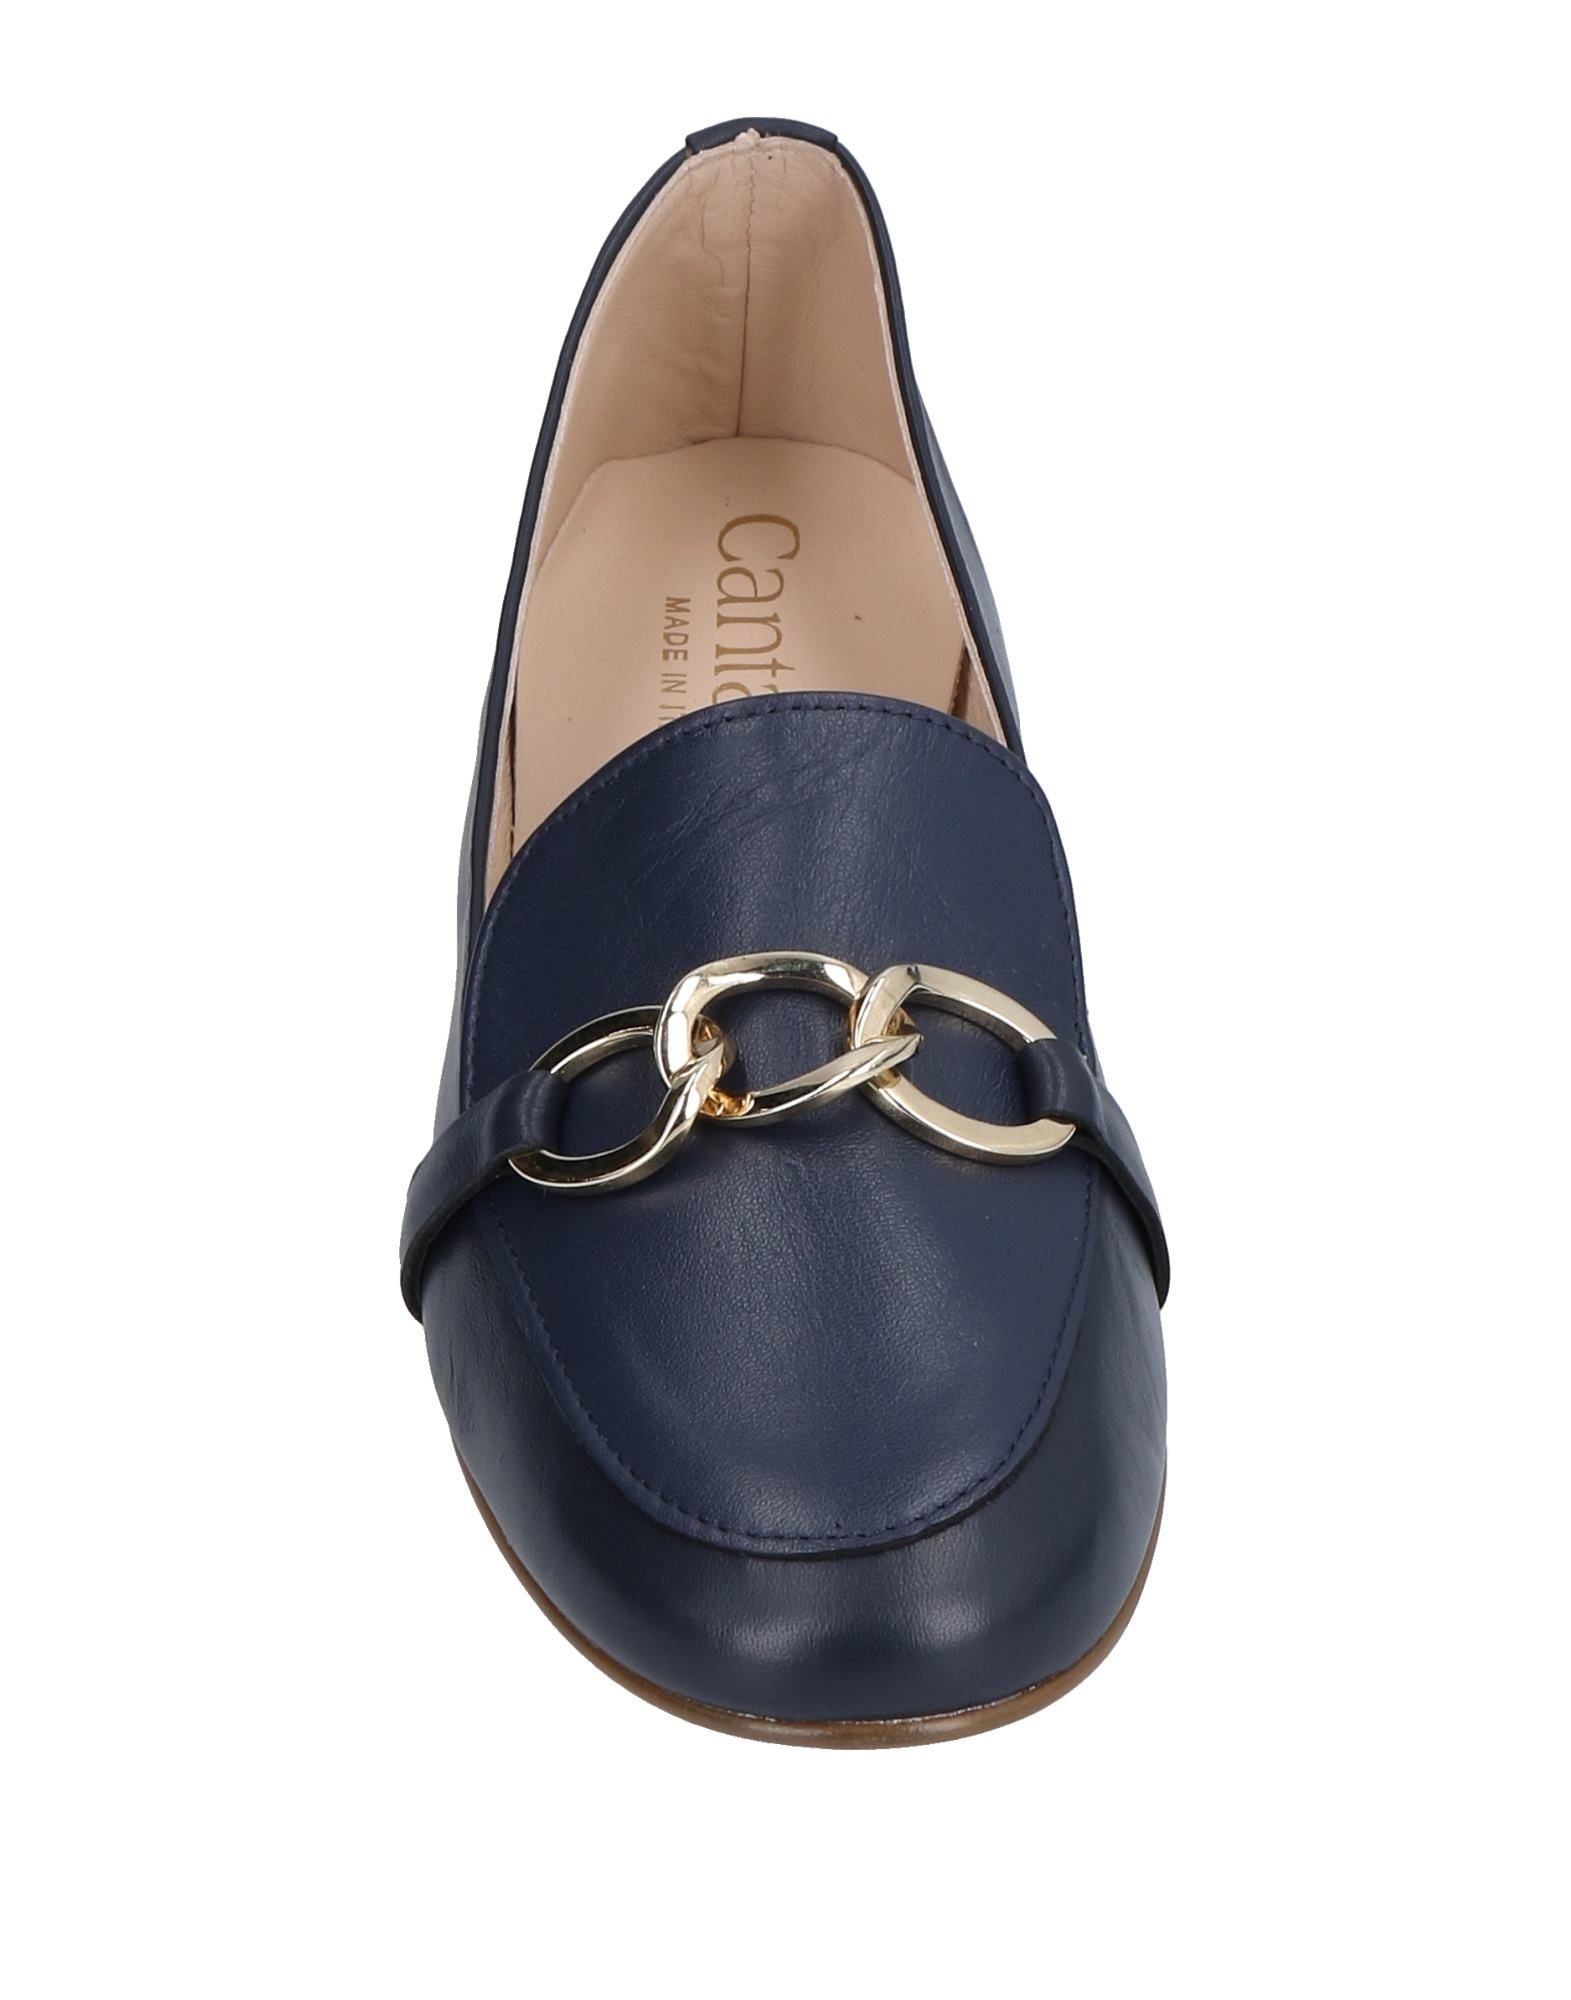 Cantarelli Mokassins Damen beliebte  11516337DO Gute Qualität beliebte Damen Schuhe 359c36